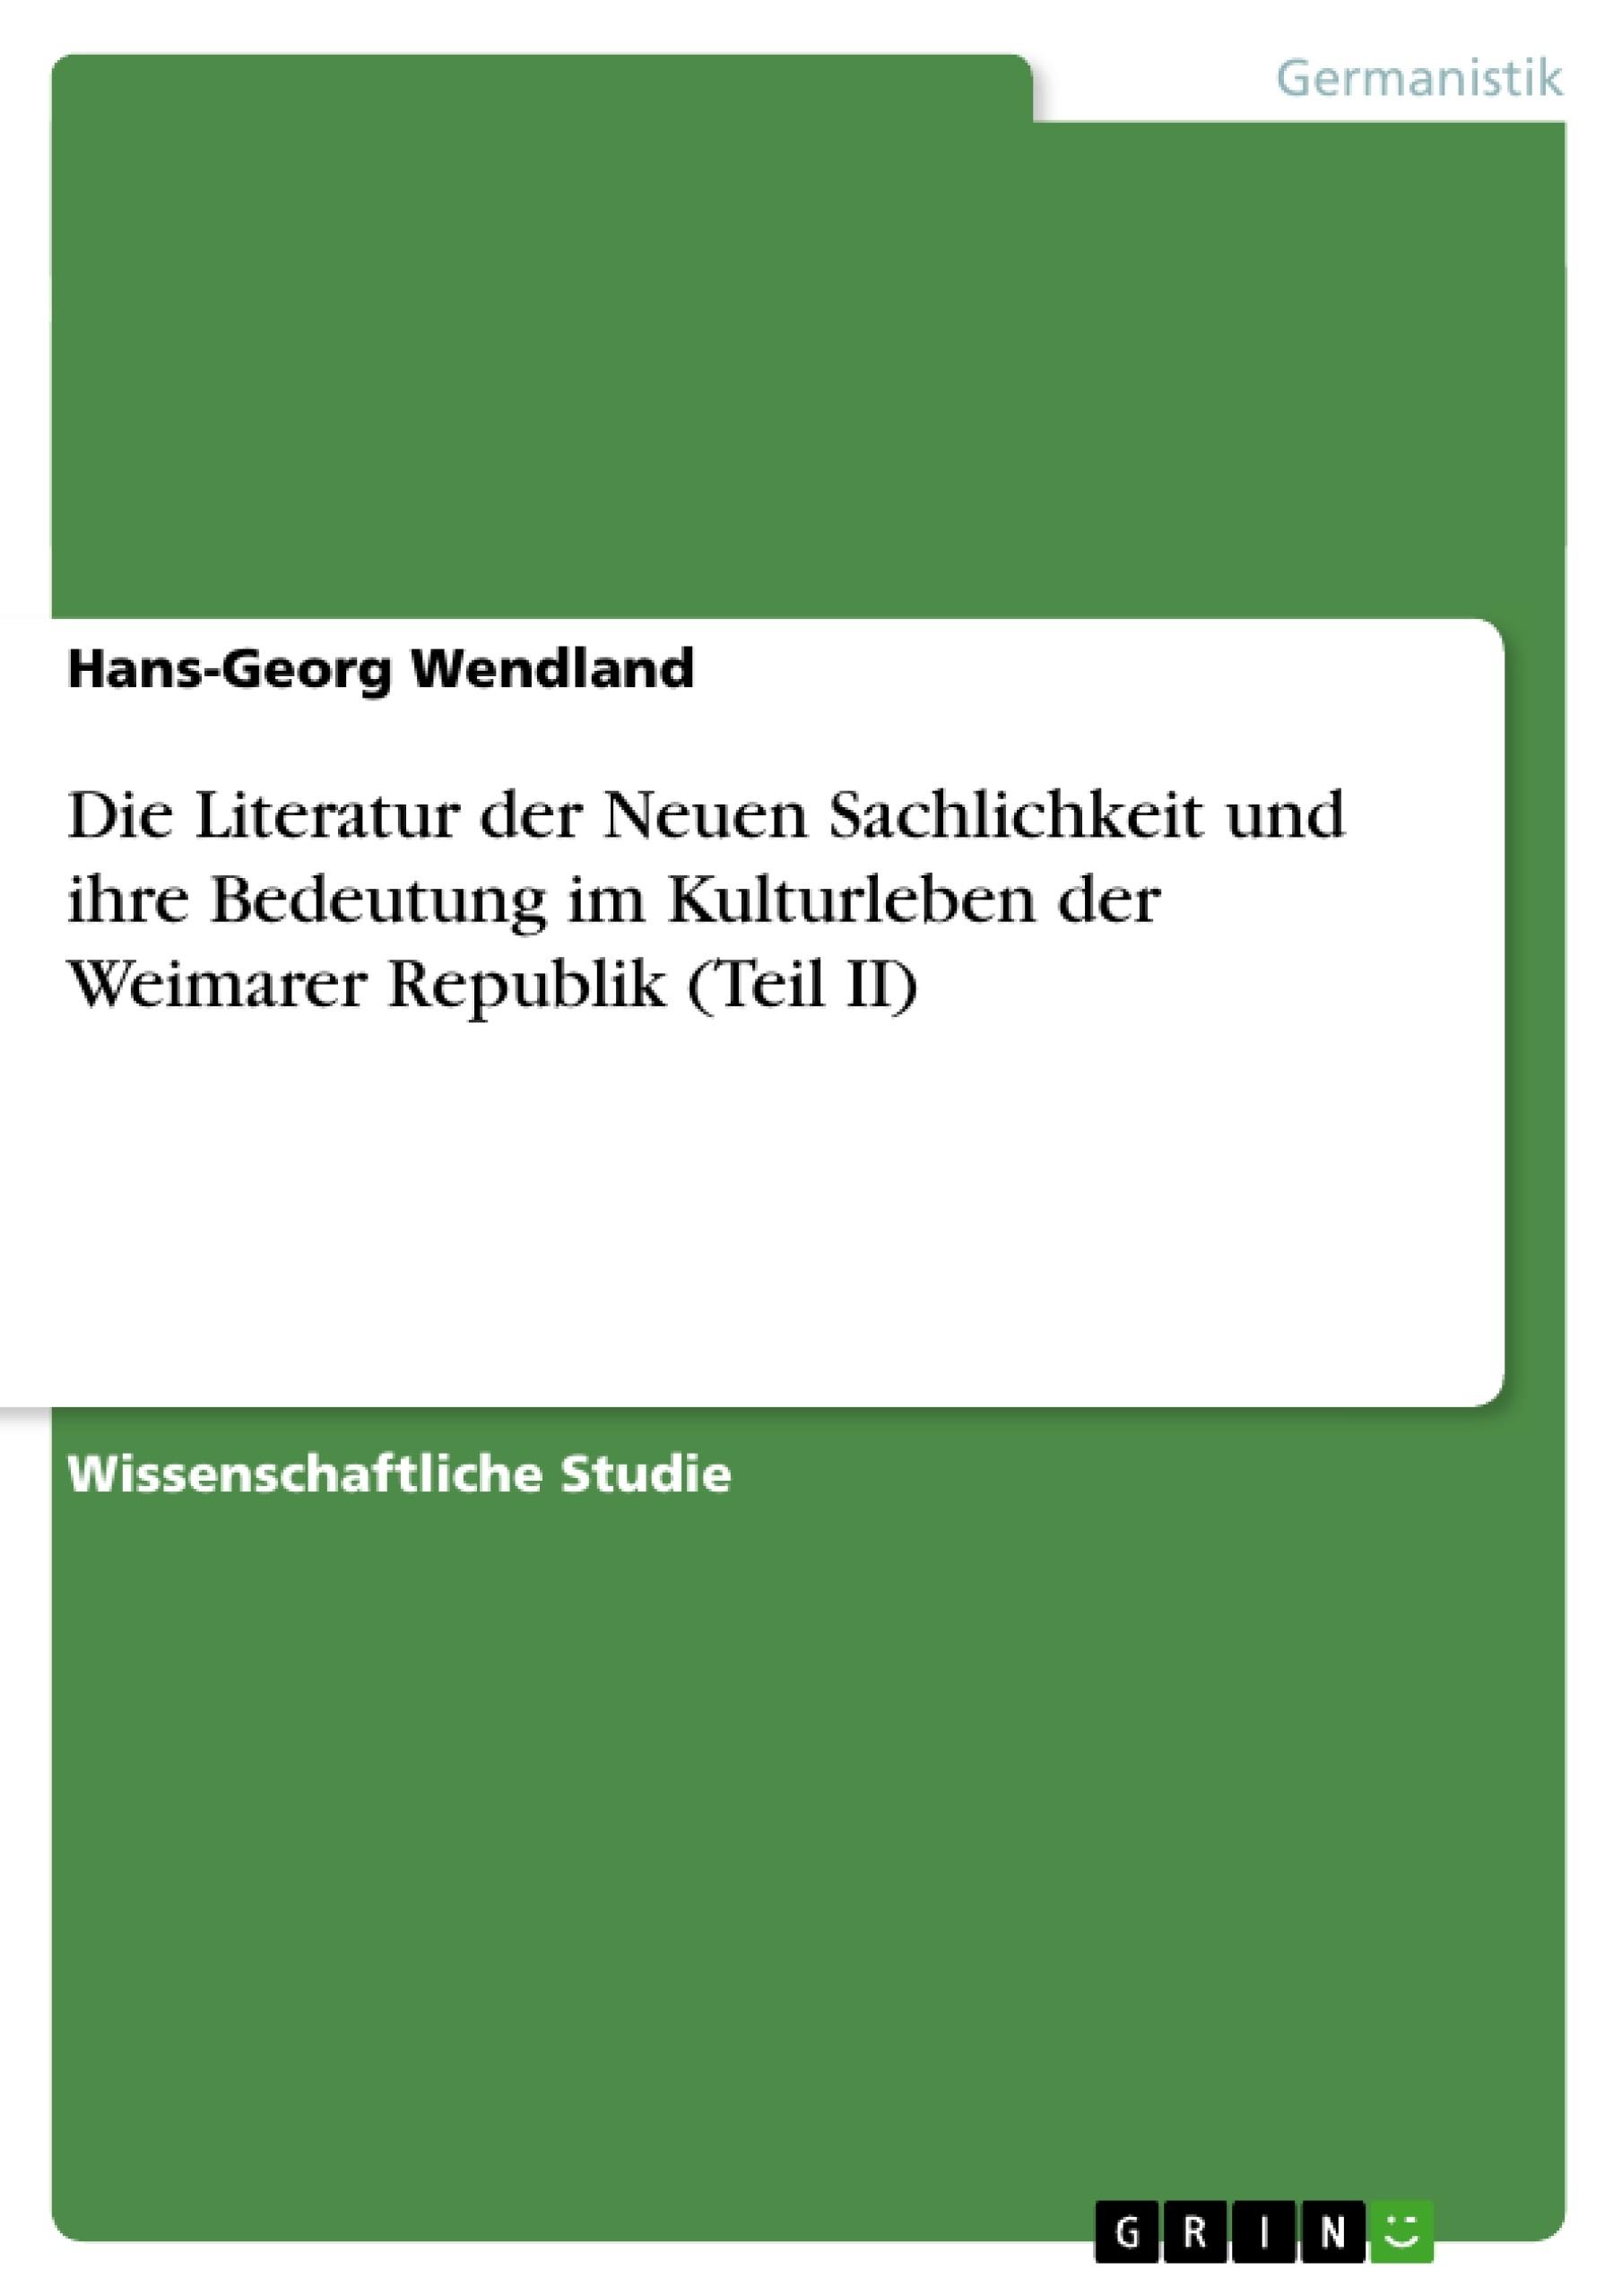 Titel: Die Literatur der Neuen Sachlichkeit und ihre Bedeutung im Kulturleben der Weimarer Republik (Teil II)